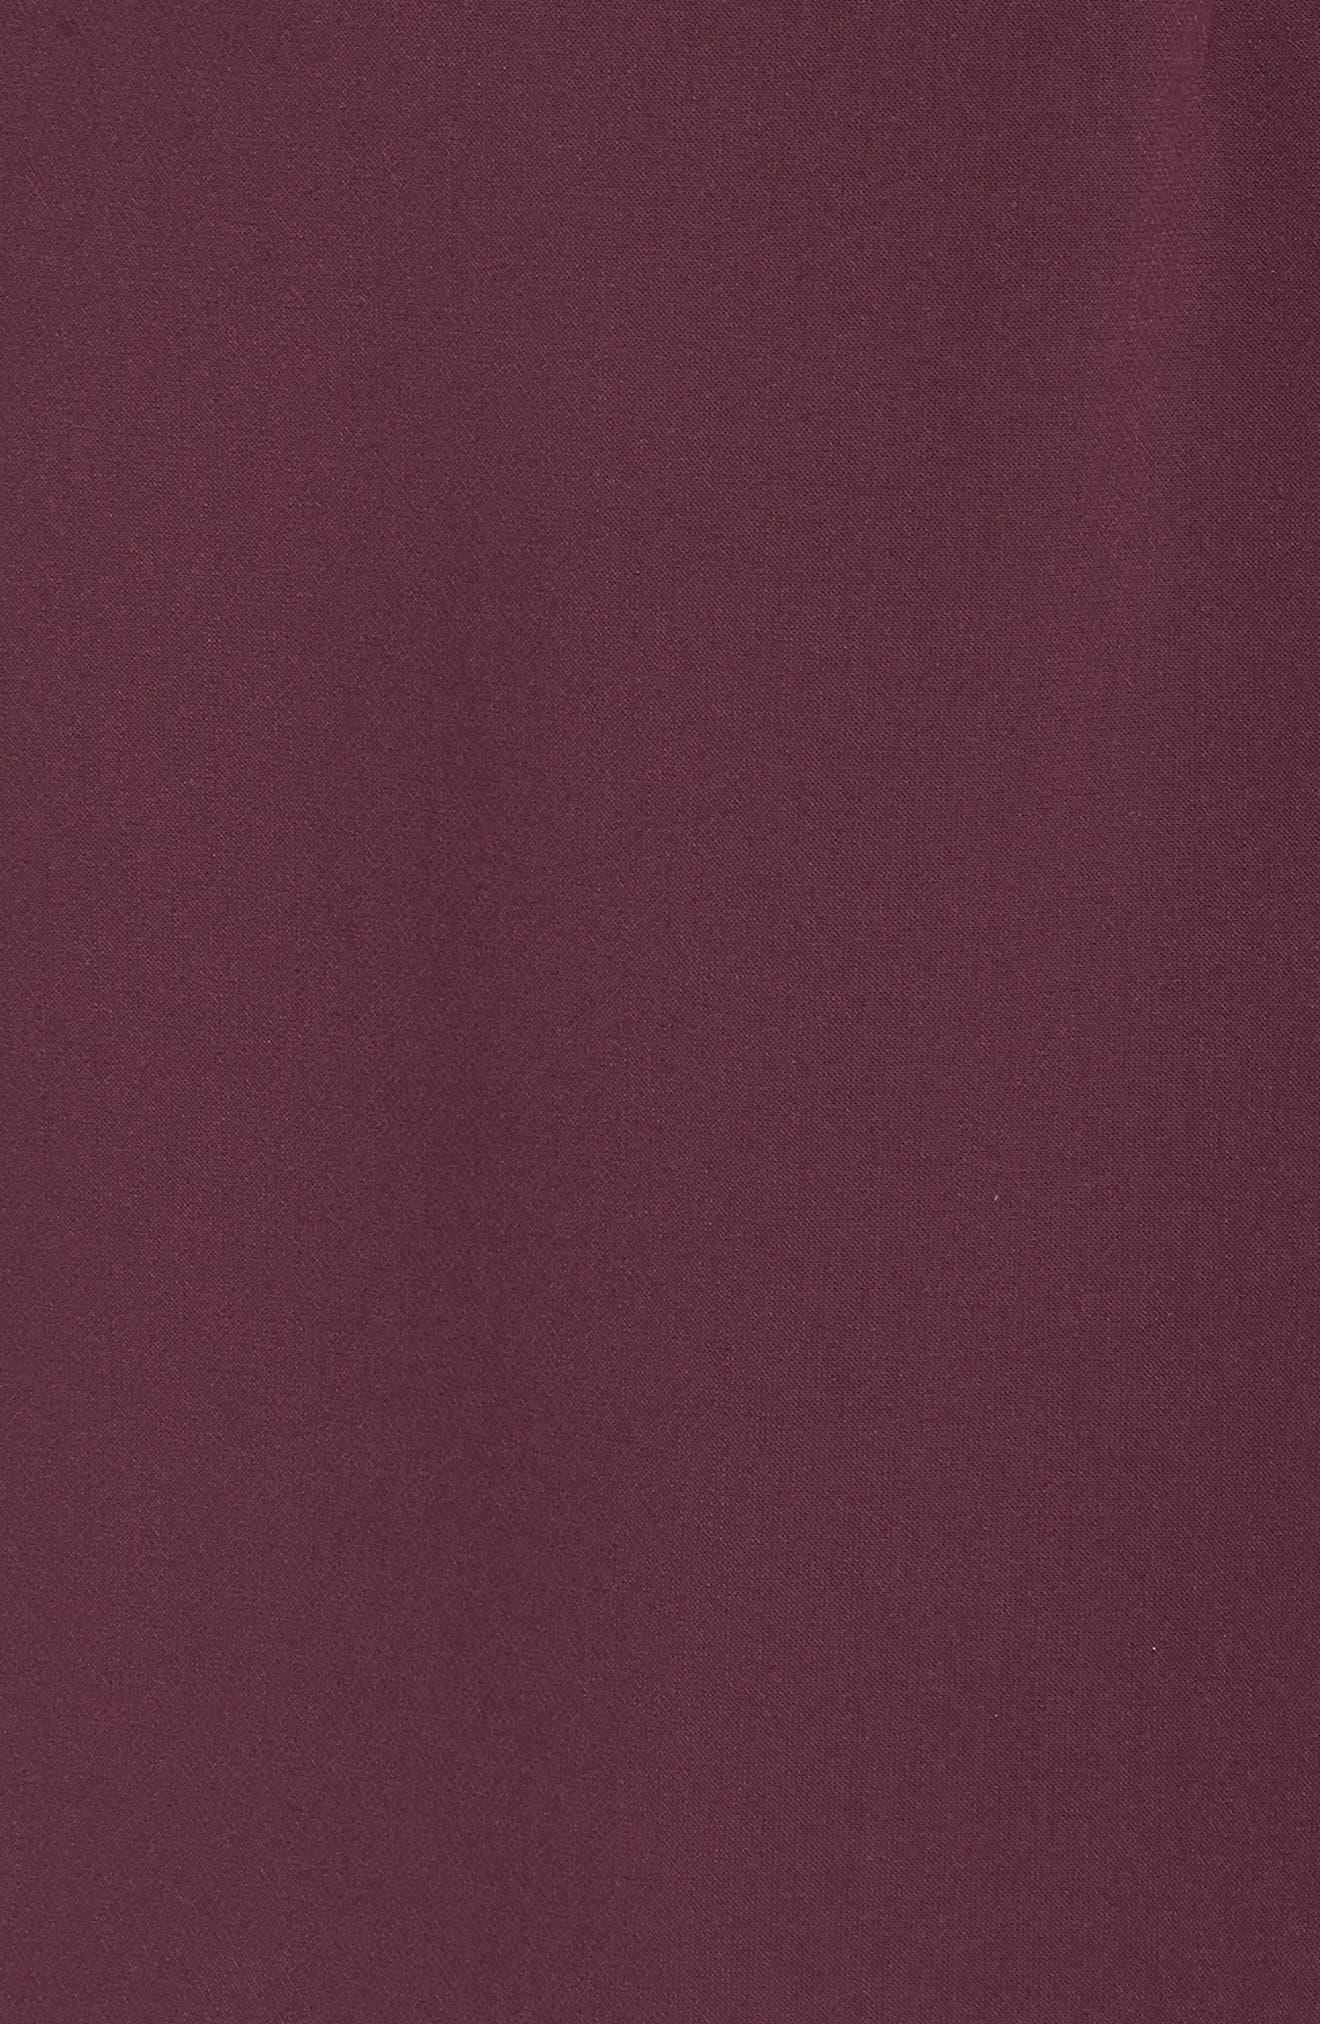 Whisper Light Sweetheart Minidress,                             Alternate thumbnail 6, color,                             PLUM NOIR